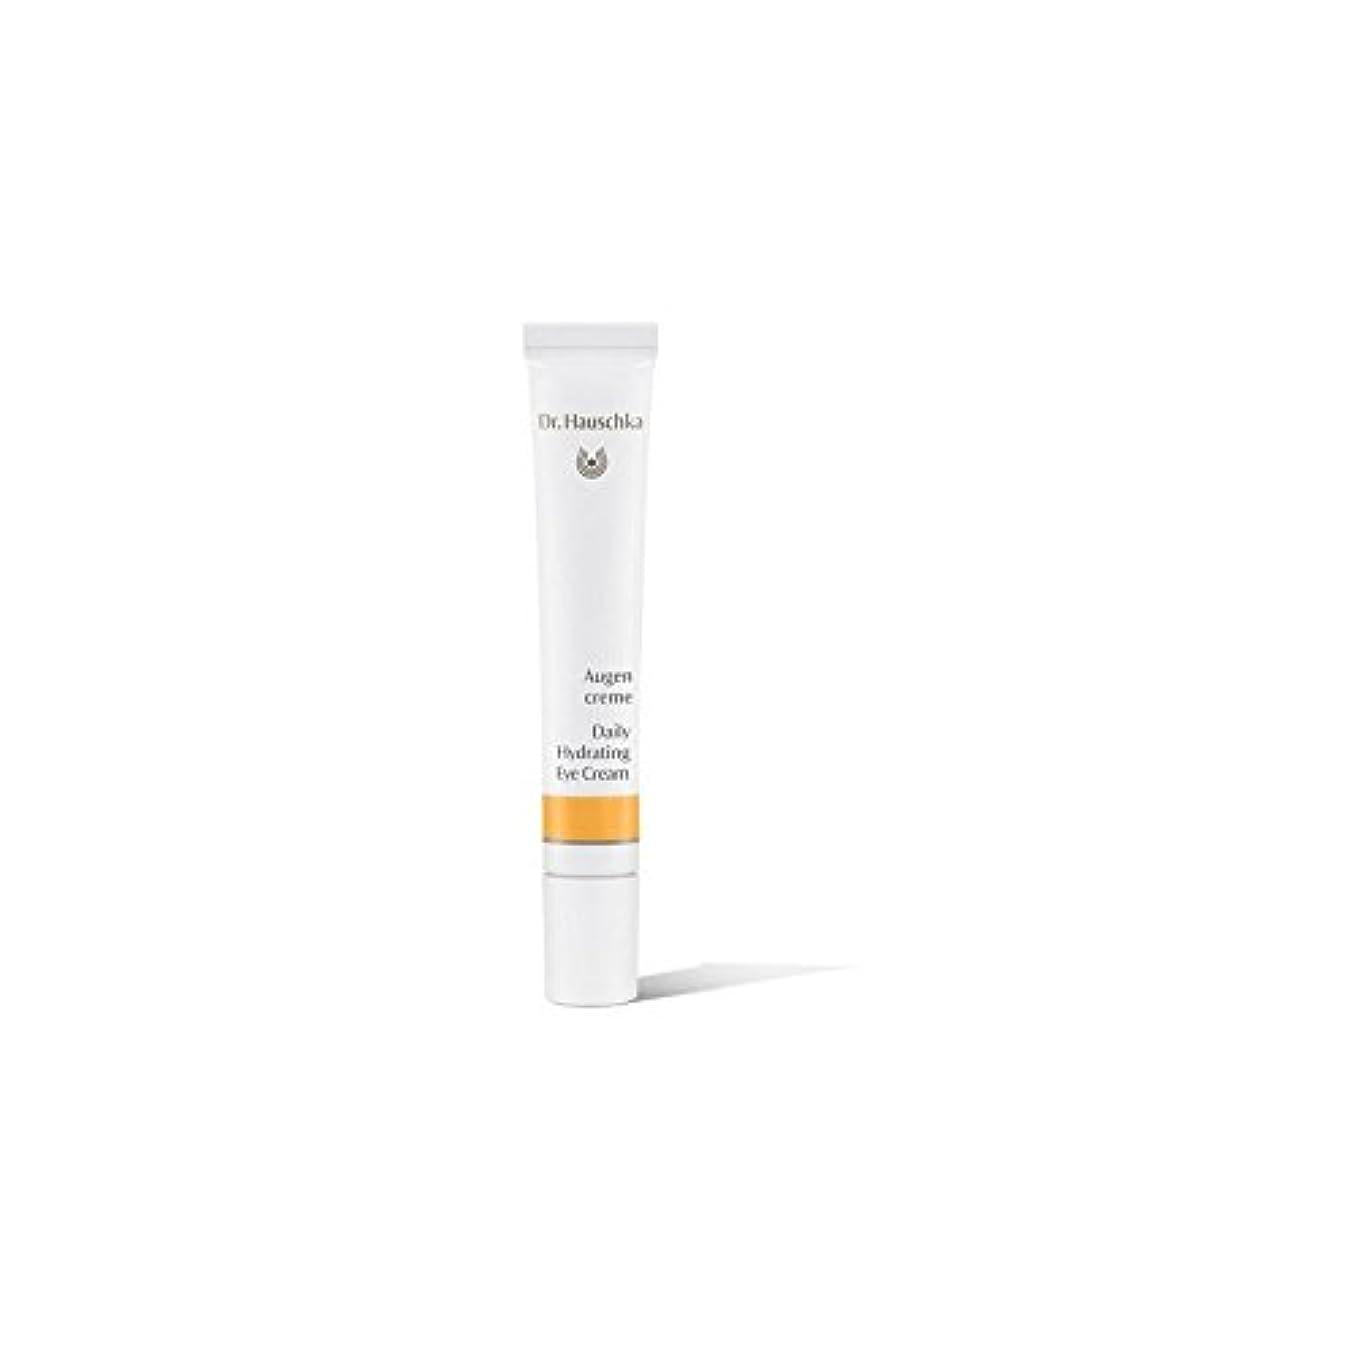 生き返らせる発行好戦的なDr. Hauschka Daily Hydrating Eye Cream 12.5ml (Pack of 6) - ハウシュカ毎日水和アイクリーム12.5ミリリットル x6 [並行輸入品]